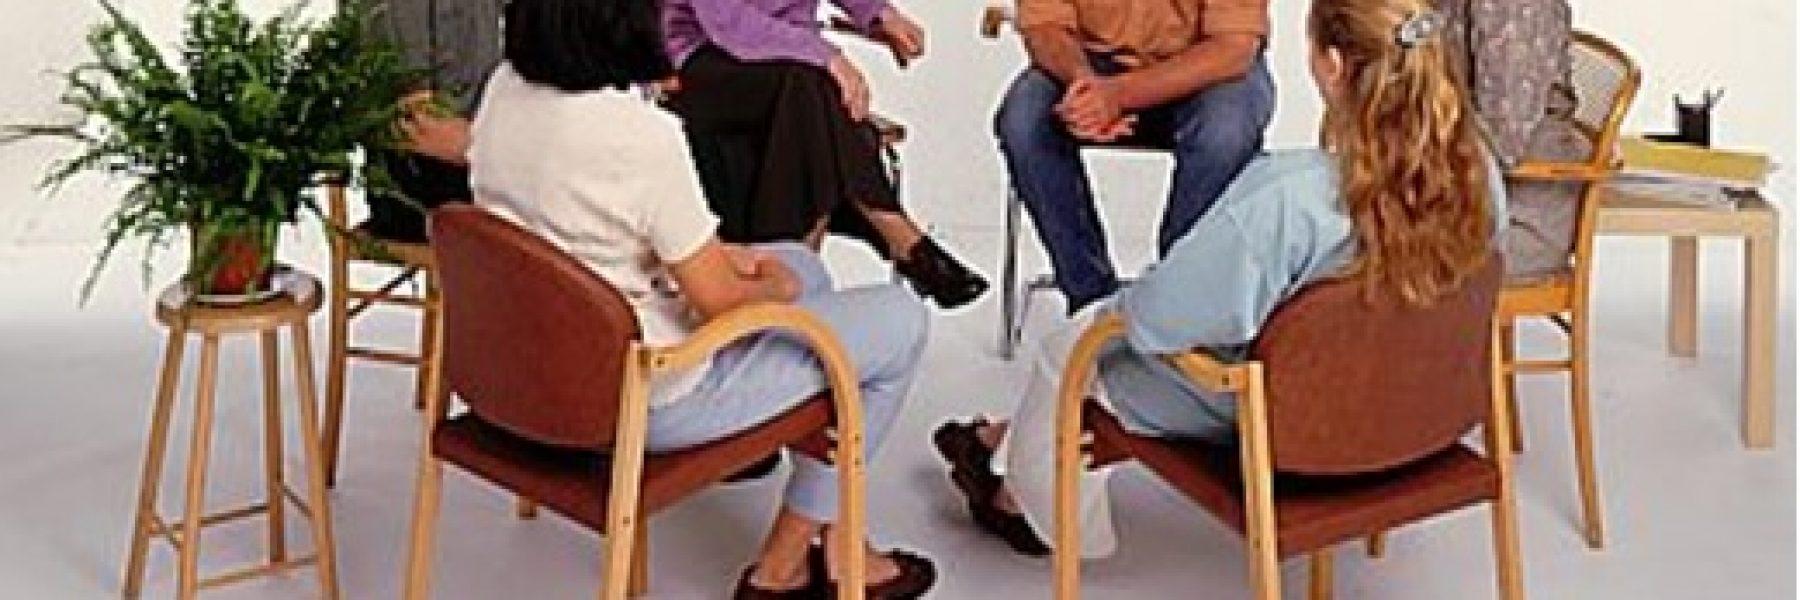 Terapia grupo para fobia social